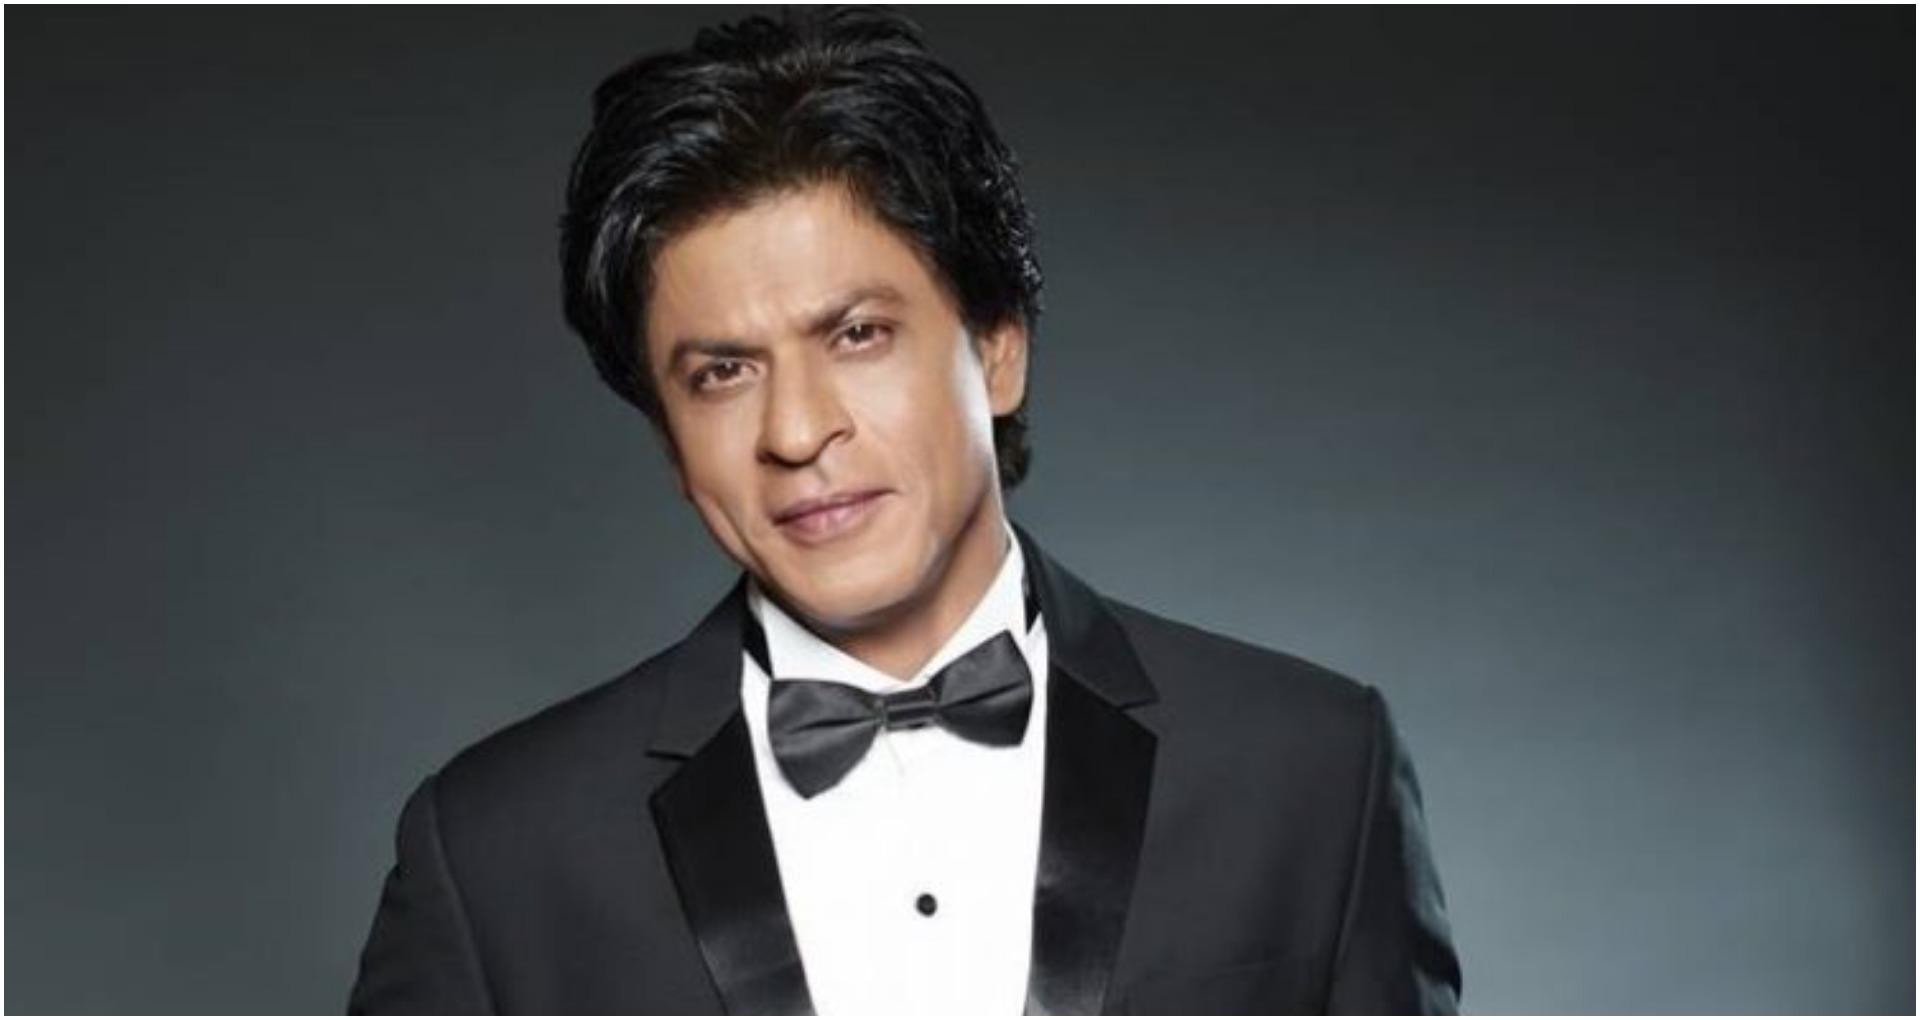 शाहरुख खान ने अपने अंदाज़ में सोशल डिस्टन्सिंग करने की अपील, वीडियो हुआ वायरल, देखें वीडियो